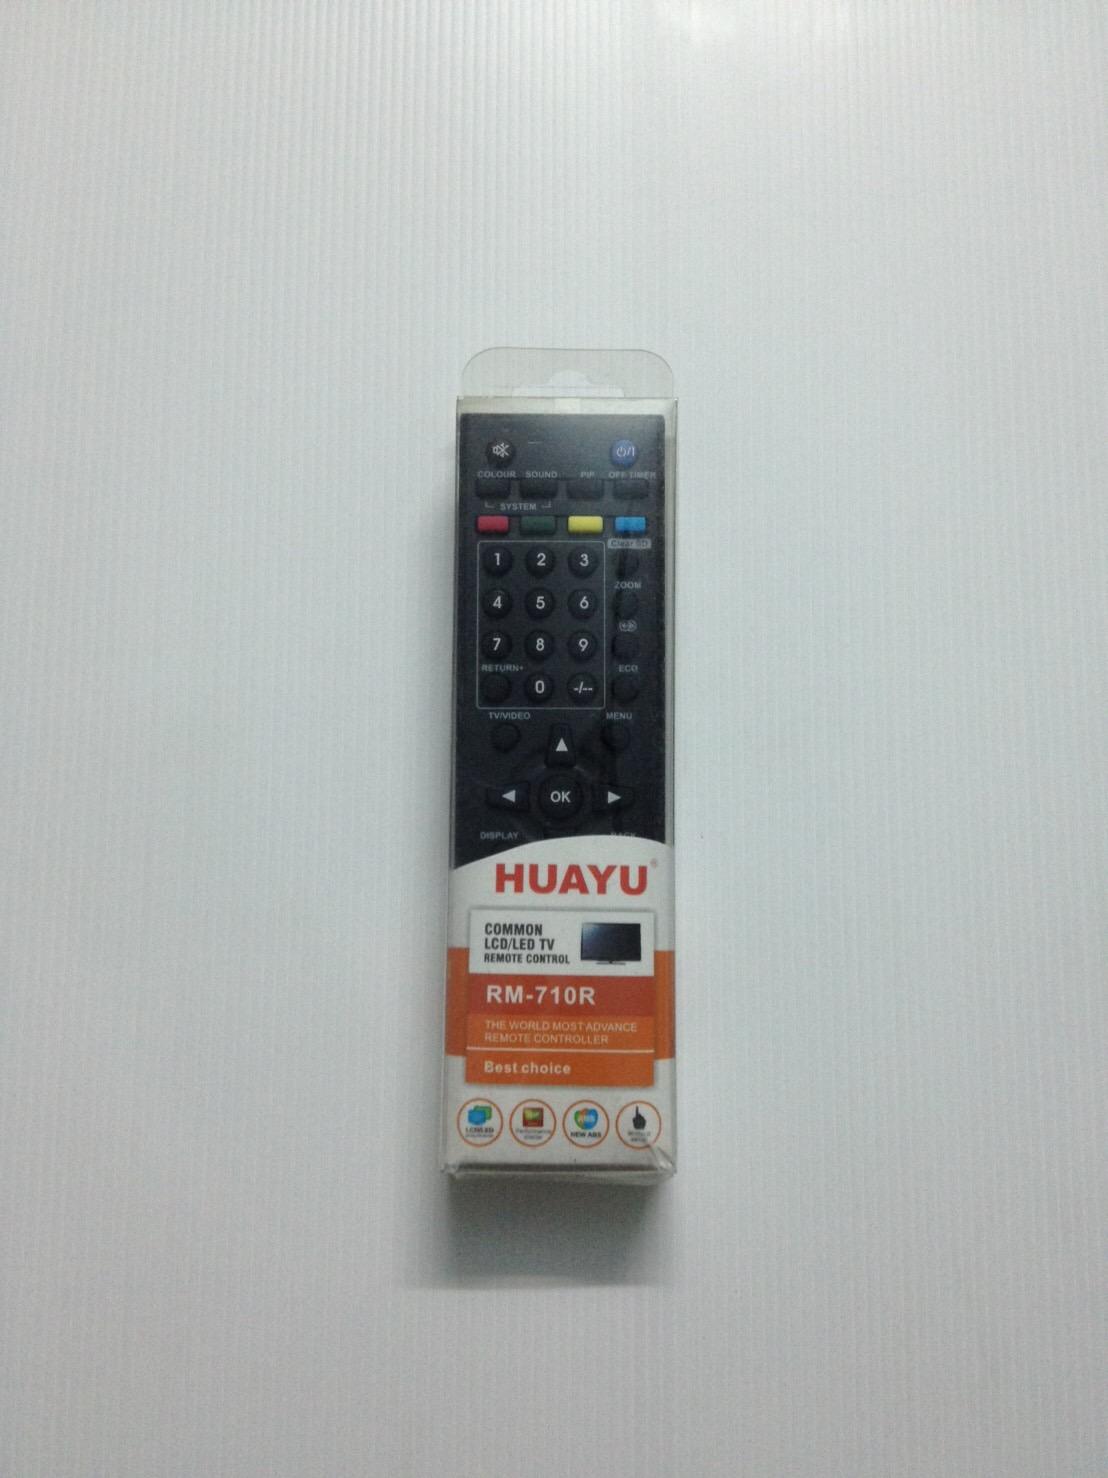 รีโมทรวมแอลซีดี LCD JVC HAUYU RM-710R ใช้ได้ทุกรุ่น